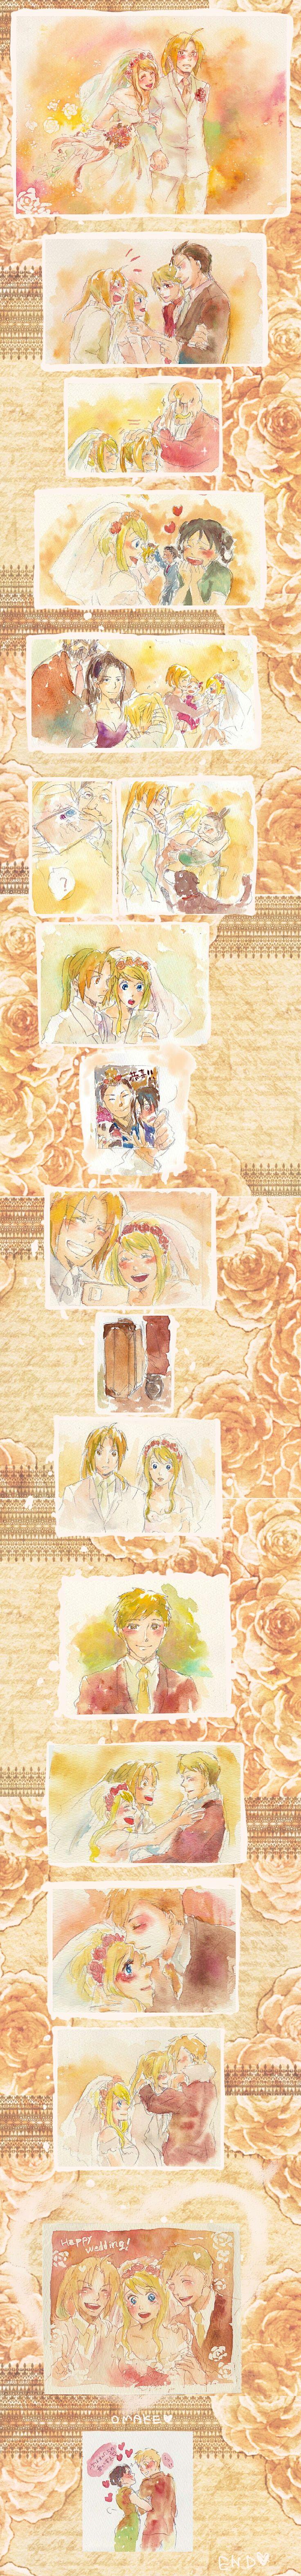 /Fullmetal Alchemist/#565917 - Zerochan  http://www.zerochan.net/565917